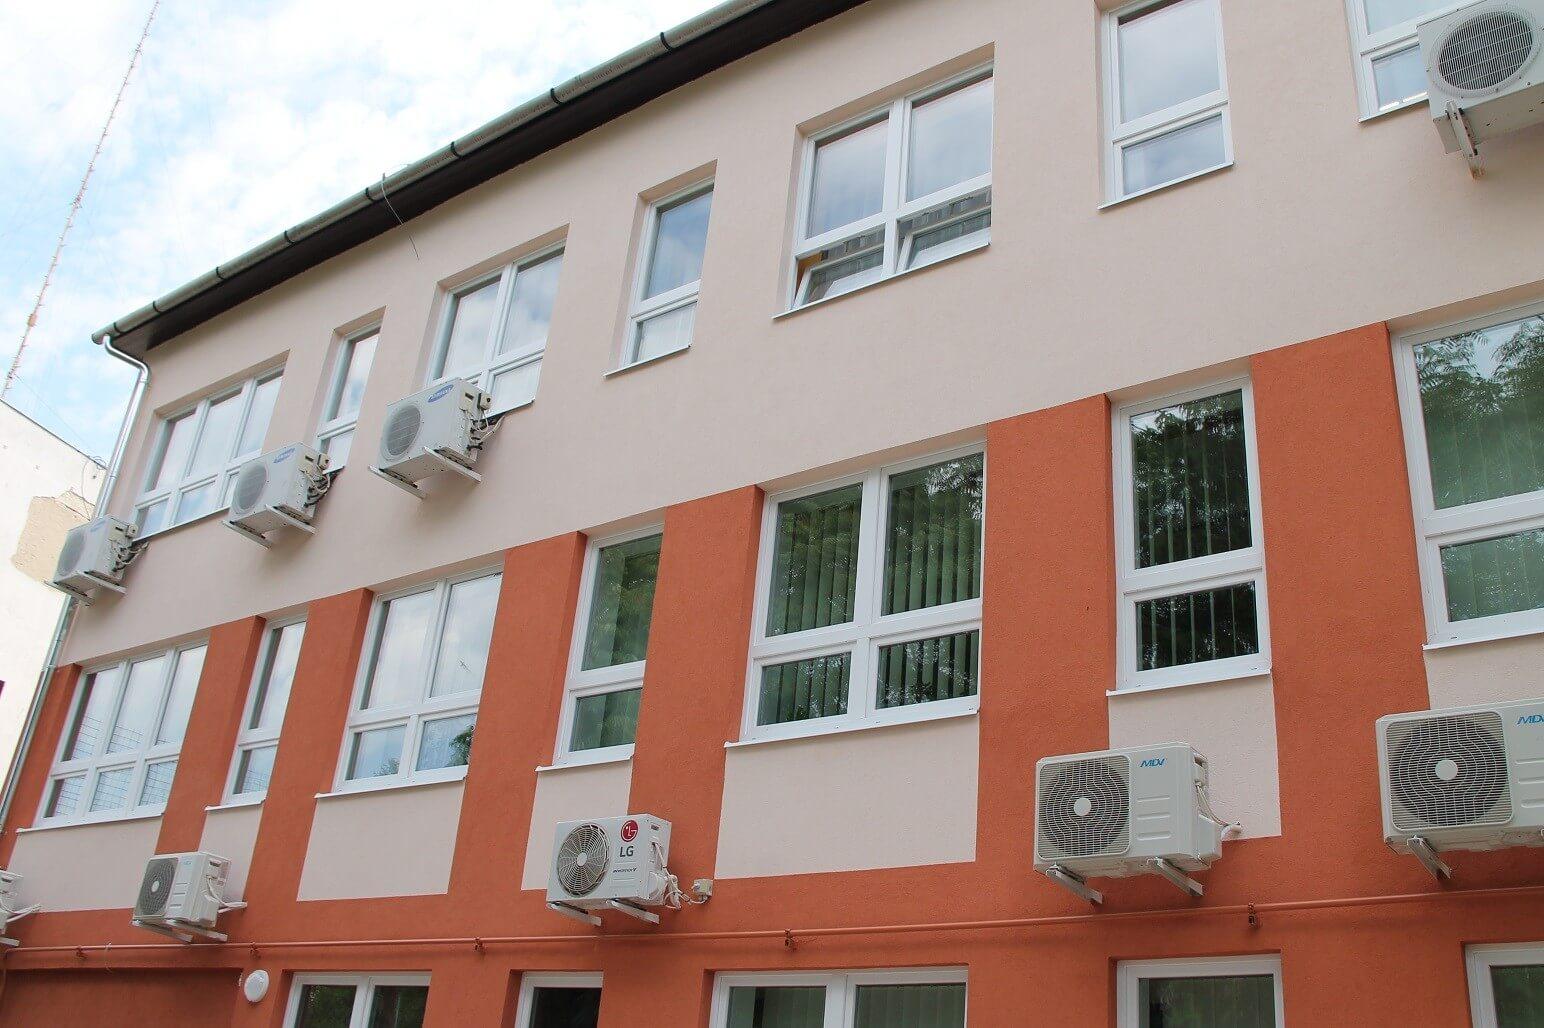 Huszonöt kormányhivatali épület korszerűsödik Pest és Jász megyében